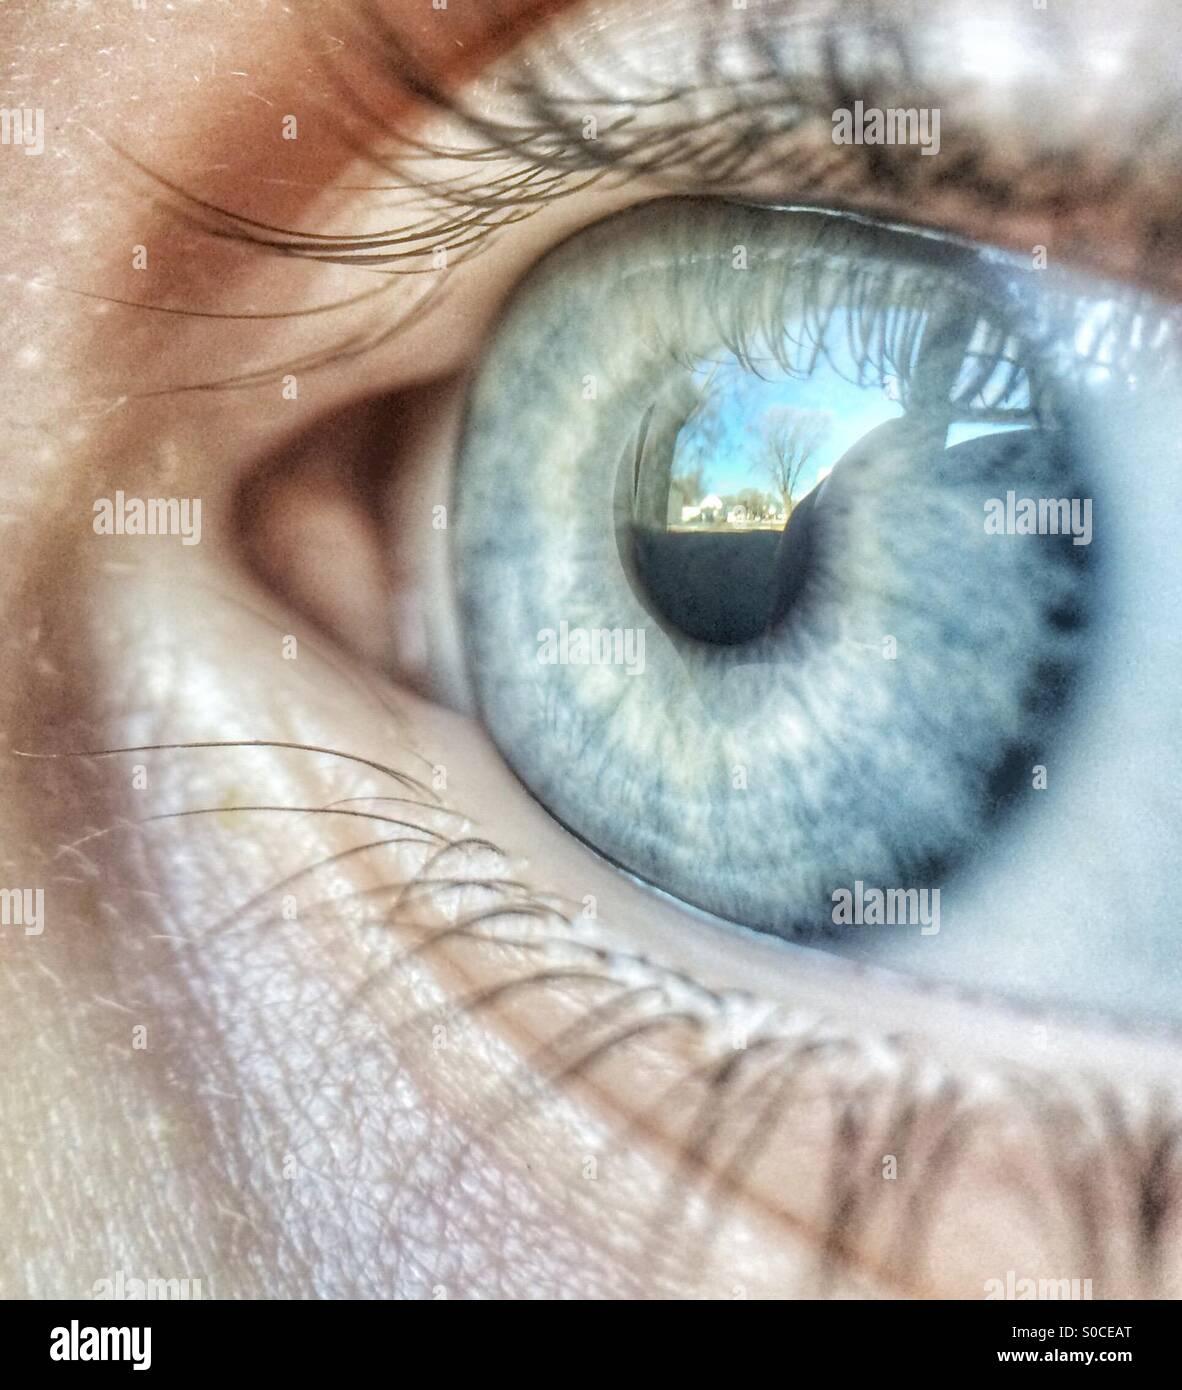 Foto macro di un bambino con gli occhi che riflette la scena sta guardando Immagini Stock